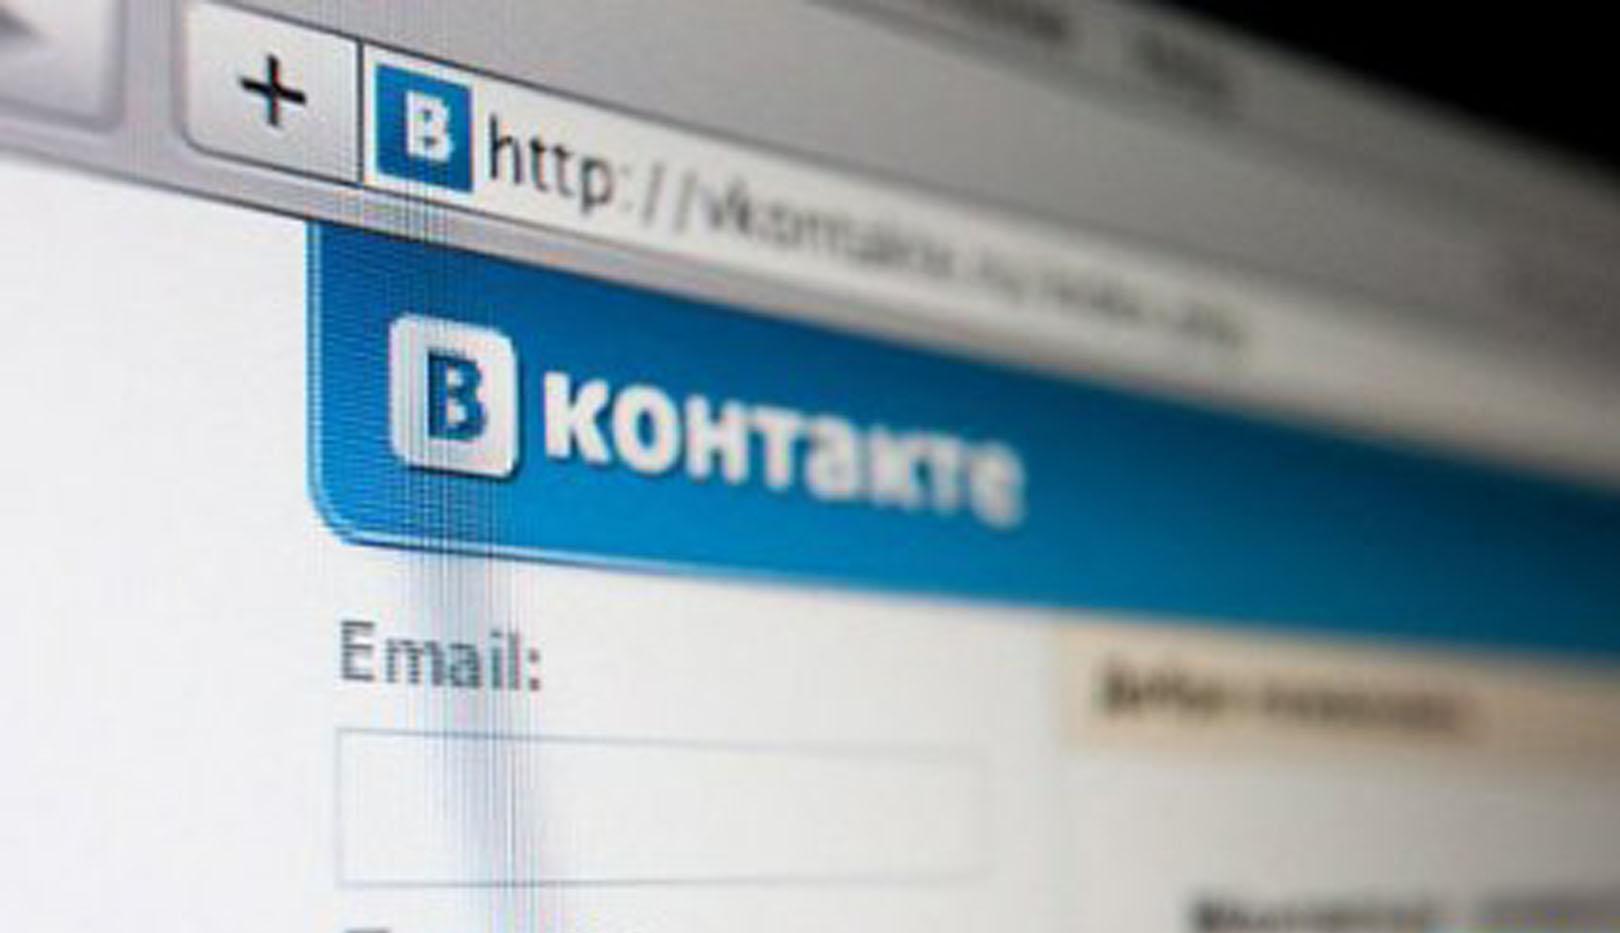 Юзеры «ВКонтакте» сейчас могут делиться динамичными «историями»